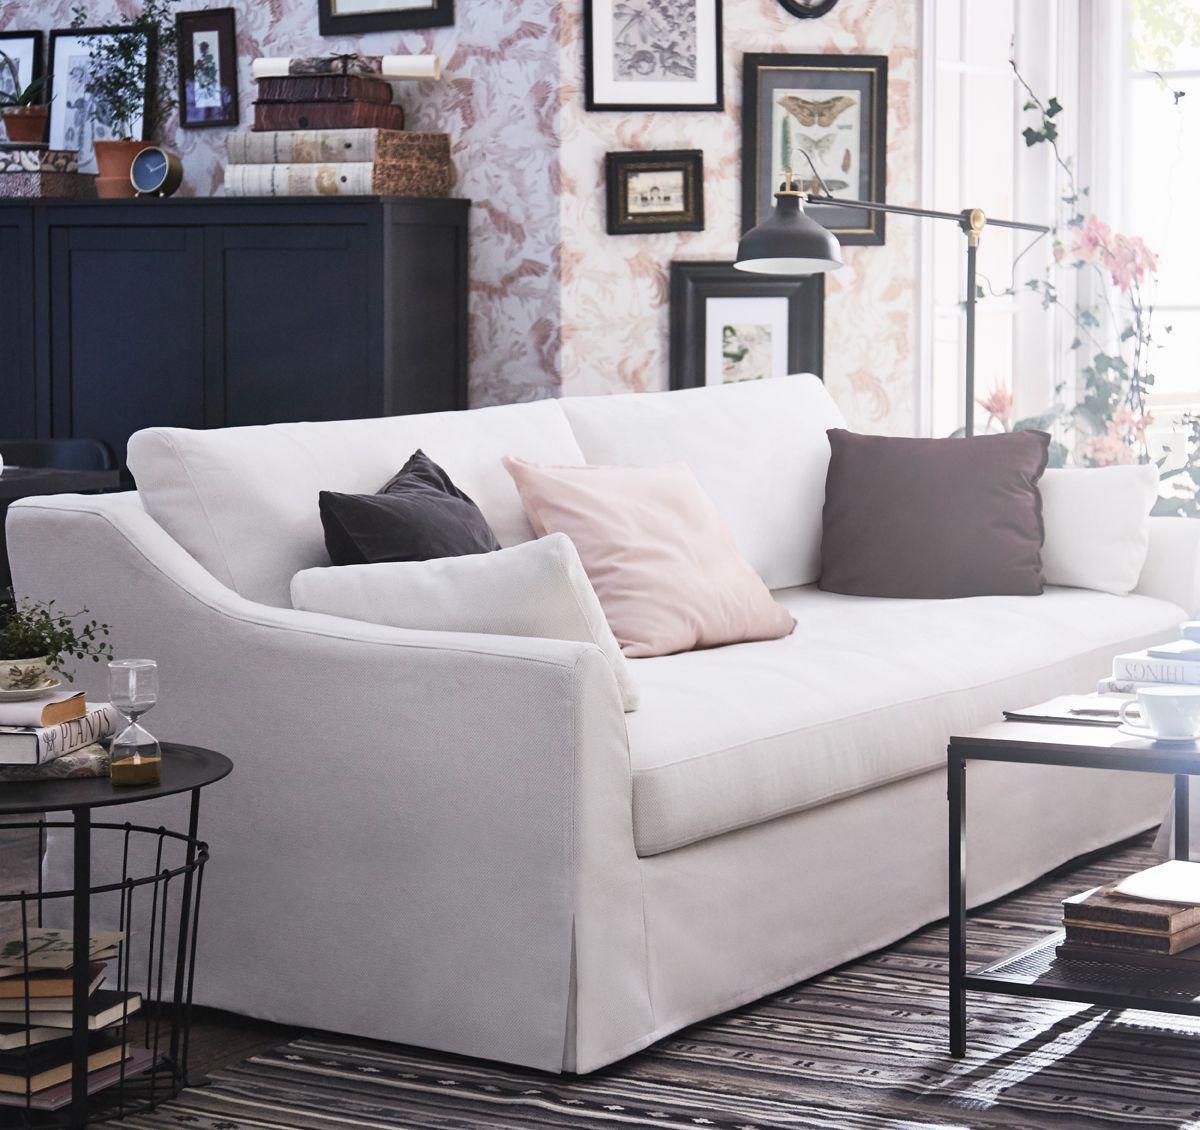 dans la large s lection de canap s ikea il y a f rl v un canap trois places g n reux et. Black Bedroom Furniture Sets. Home Design Ideas